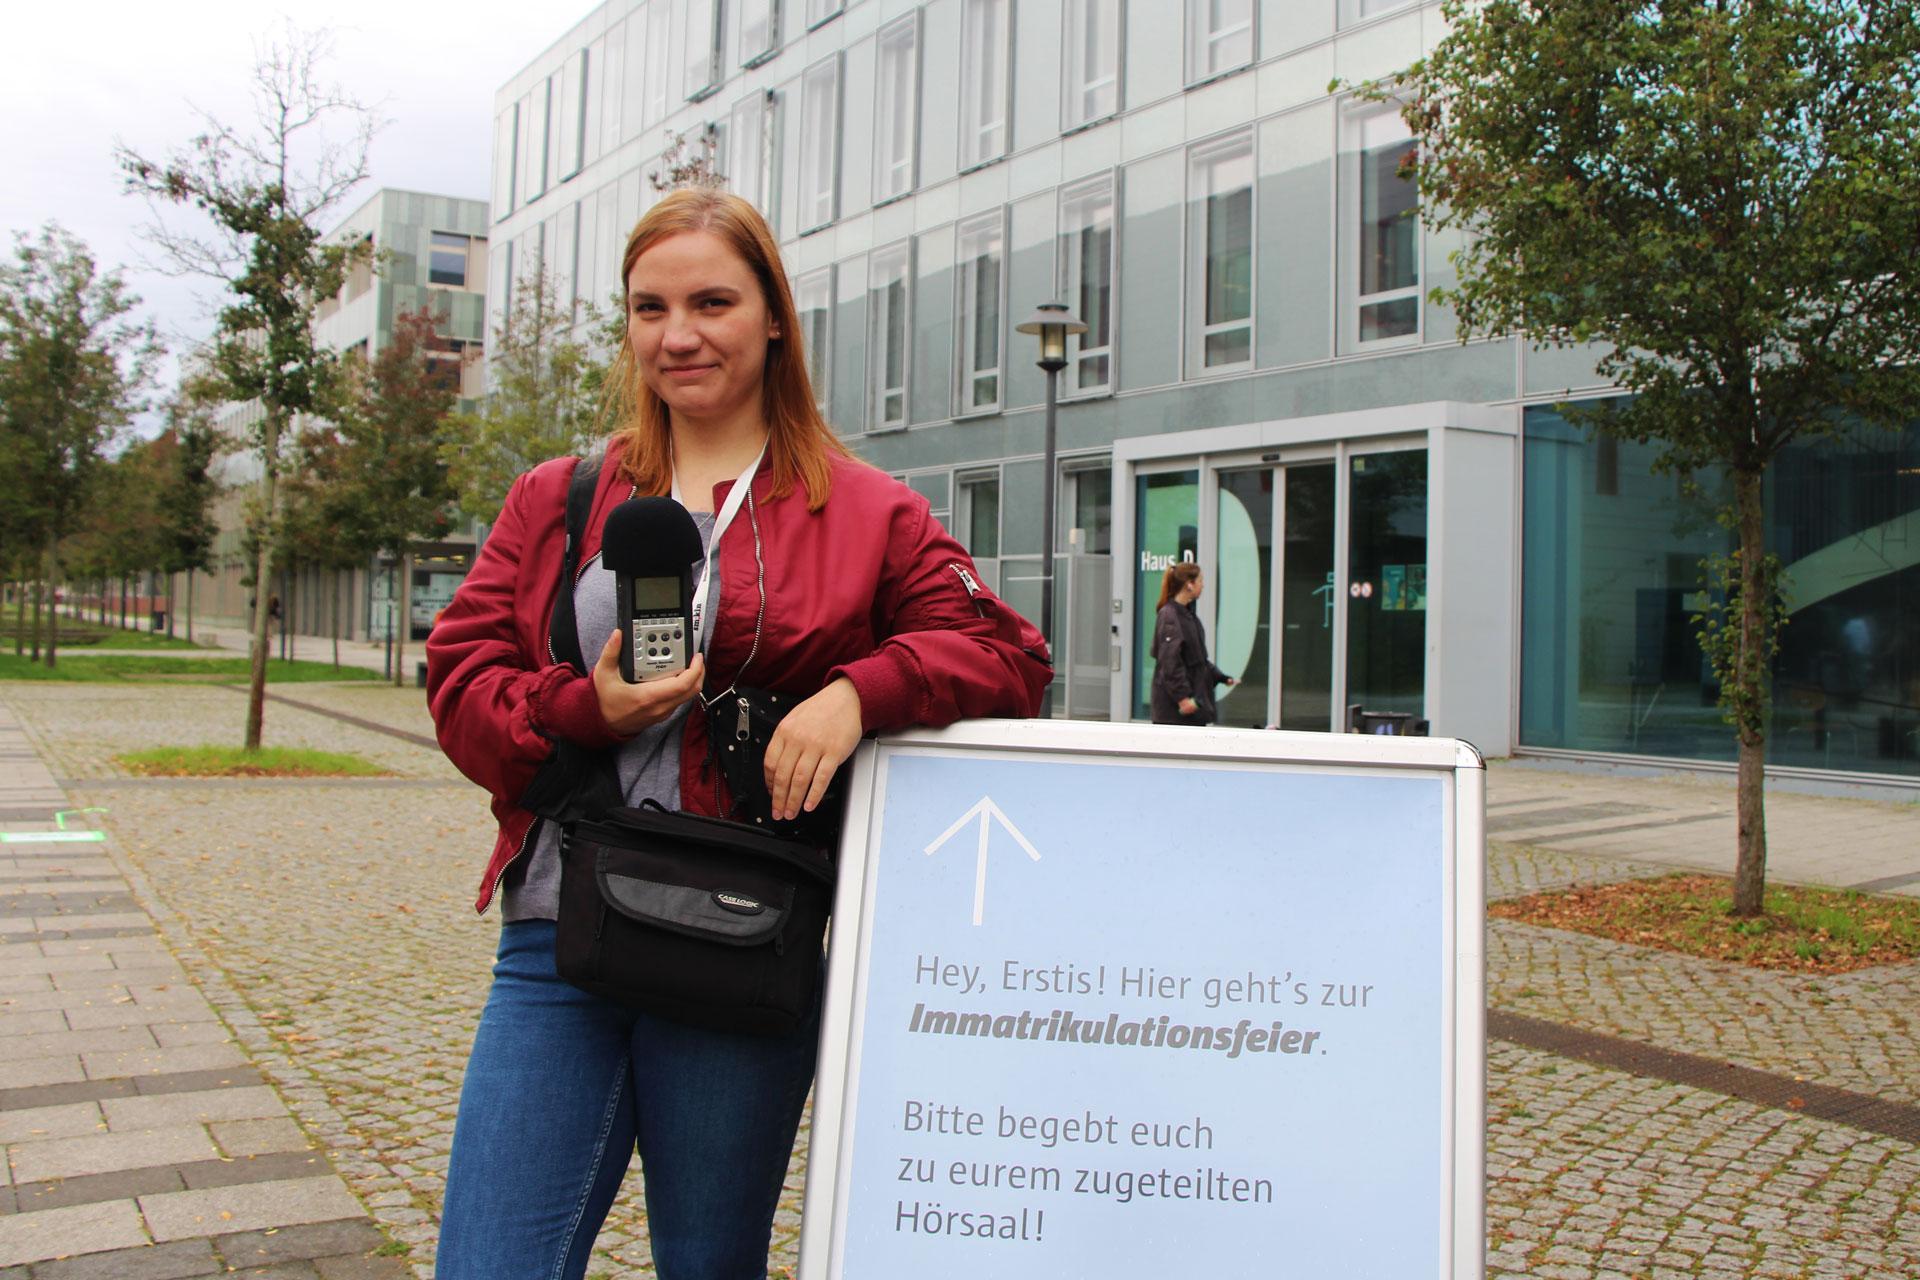 Elisa steht mit ihrem Aufnahmegerät draußen auf dem Campus.